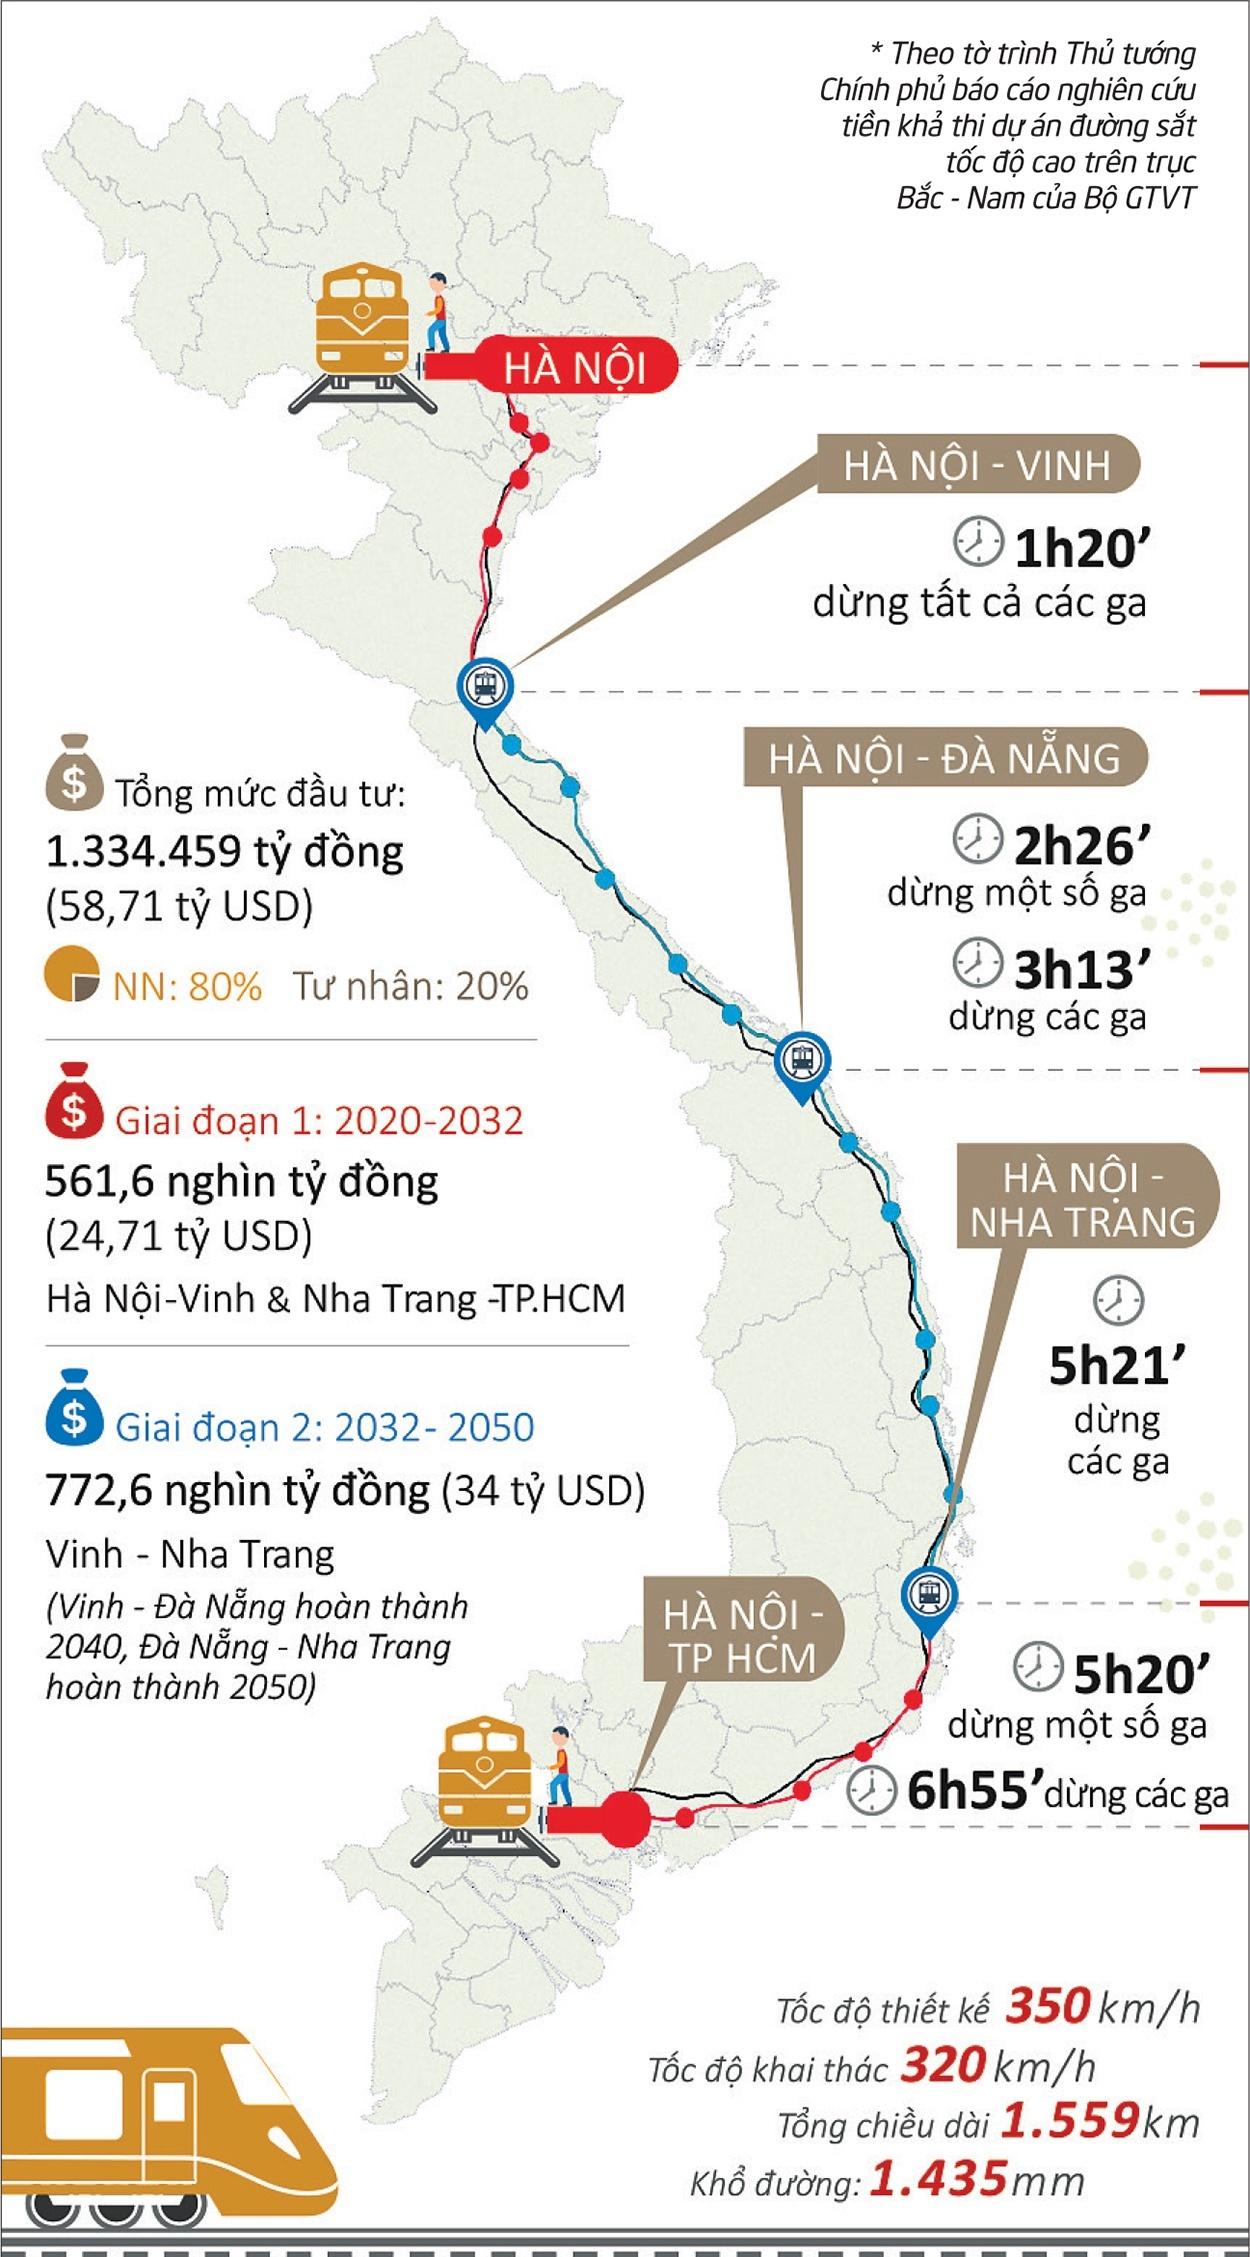 Khi nào đi đường sắt Hà Nội - Sài Gòn chỉ mất 5 giờ?